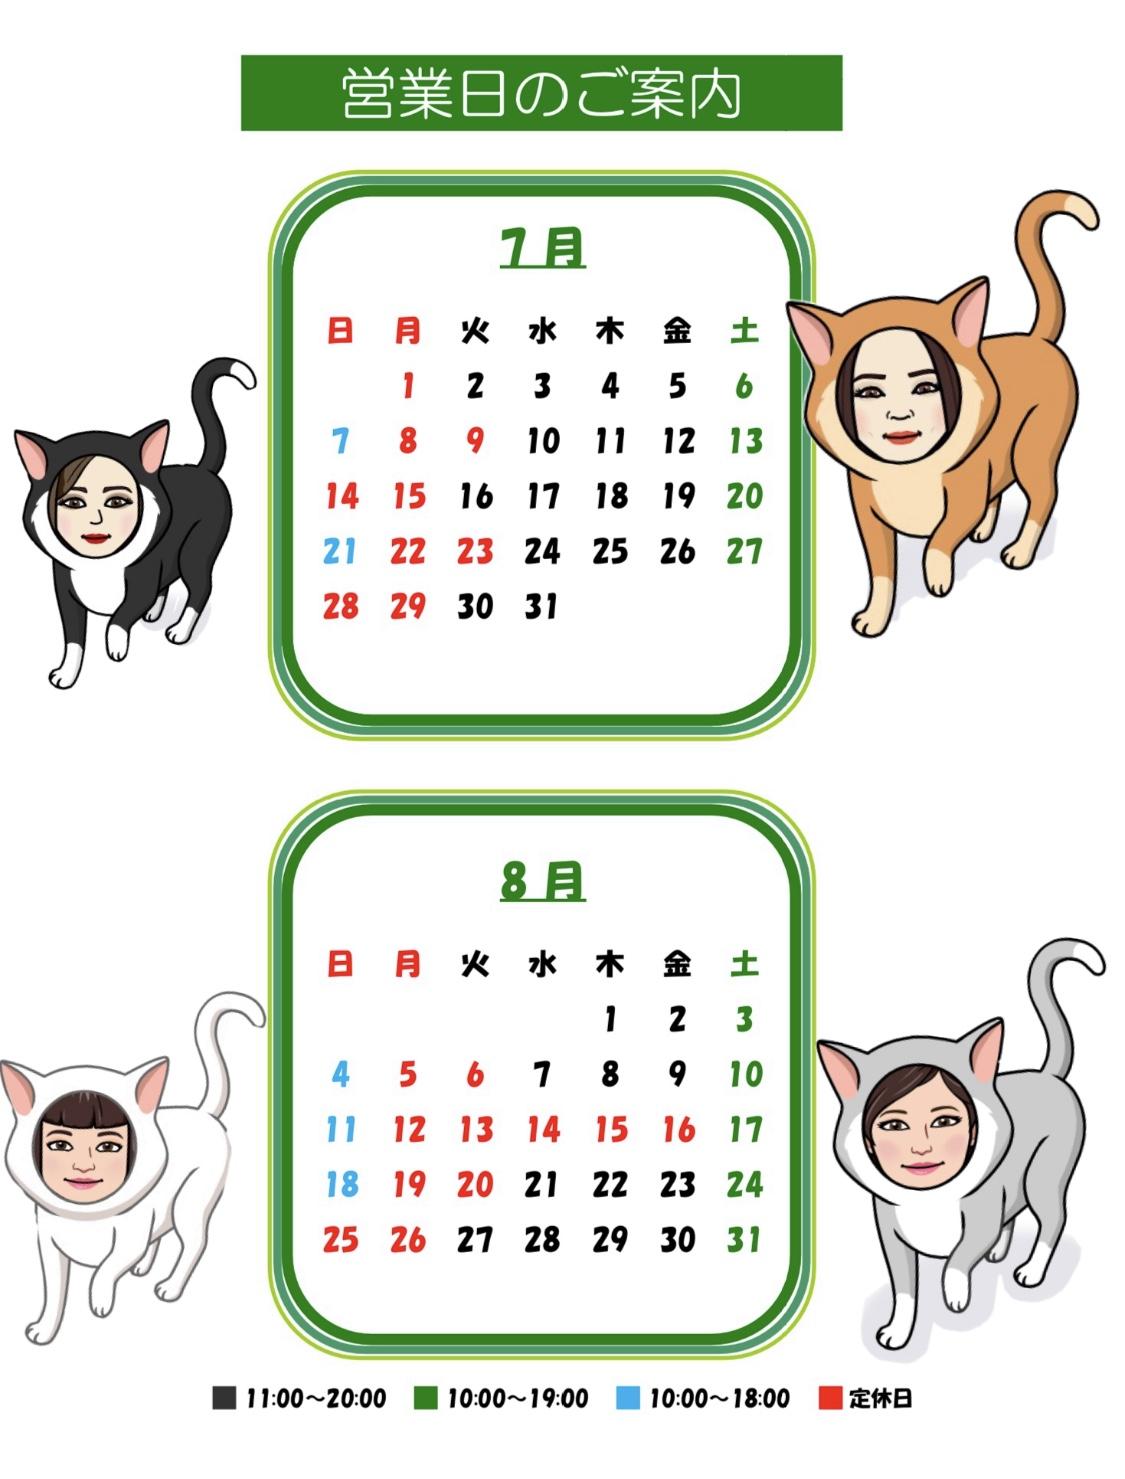 7月8月の営業カレンダー★